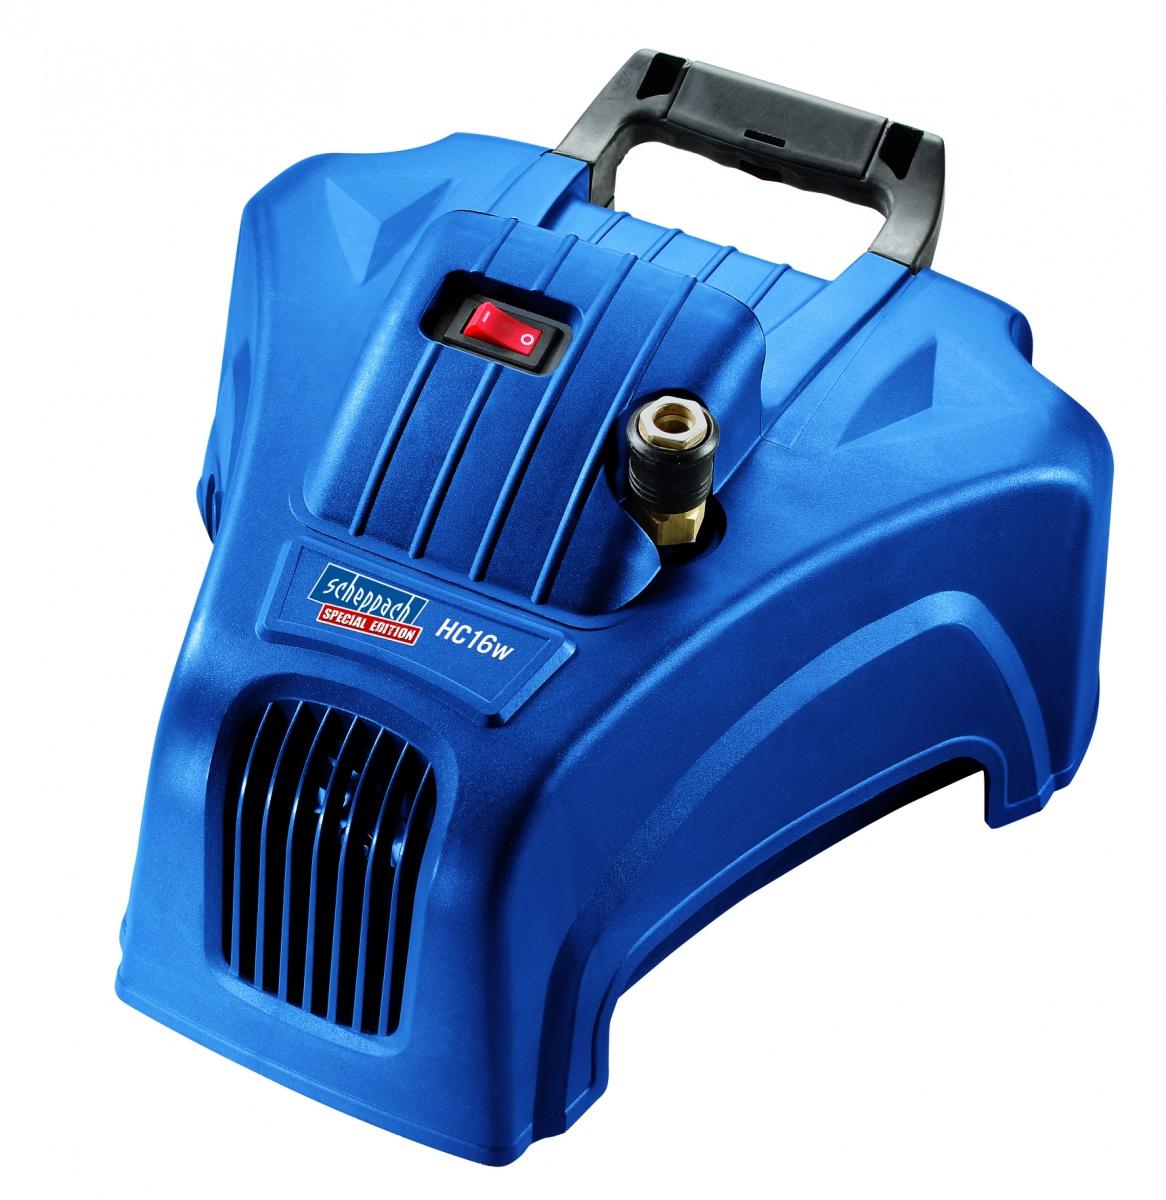 Scheppach HC 16 W - kompresor s příslušenstvím ZDARMA